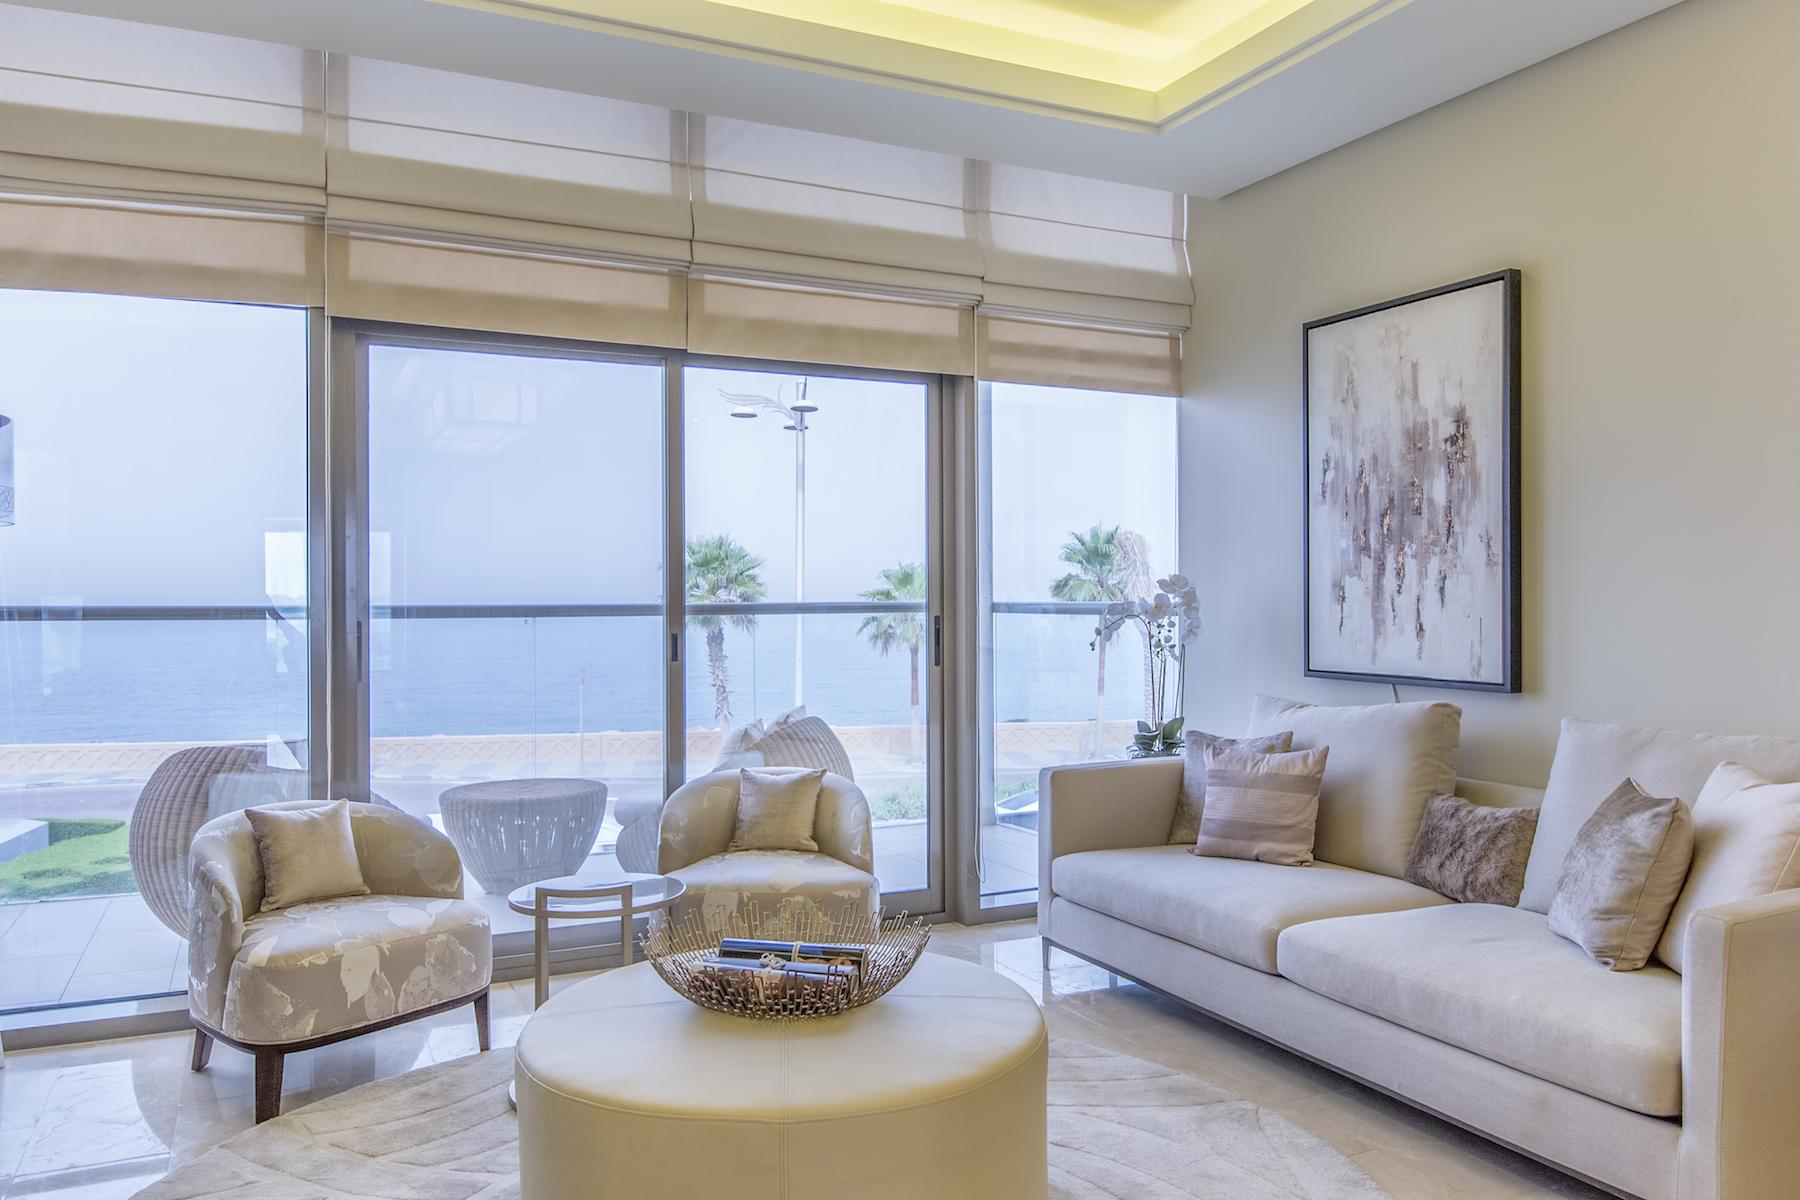 Квартира для того Продажа на Resort Facilities Elegant Penthouse Dubai, Объединенные Арабские Эмираты